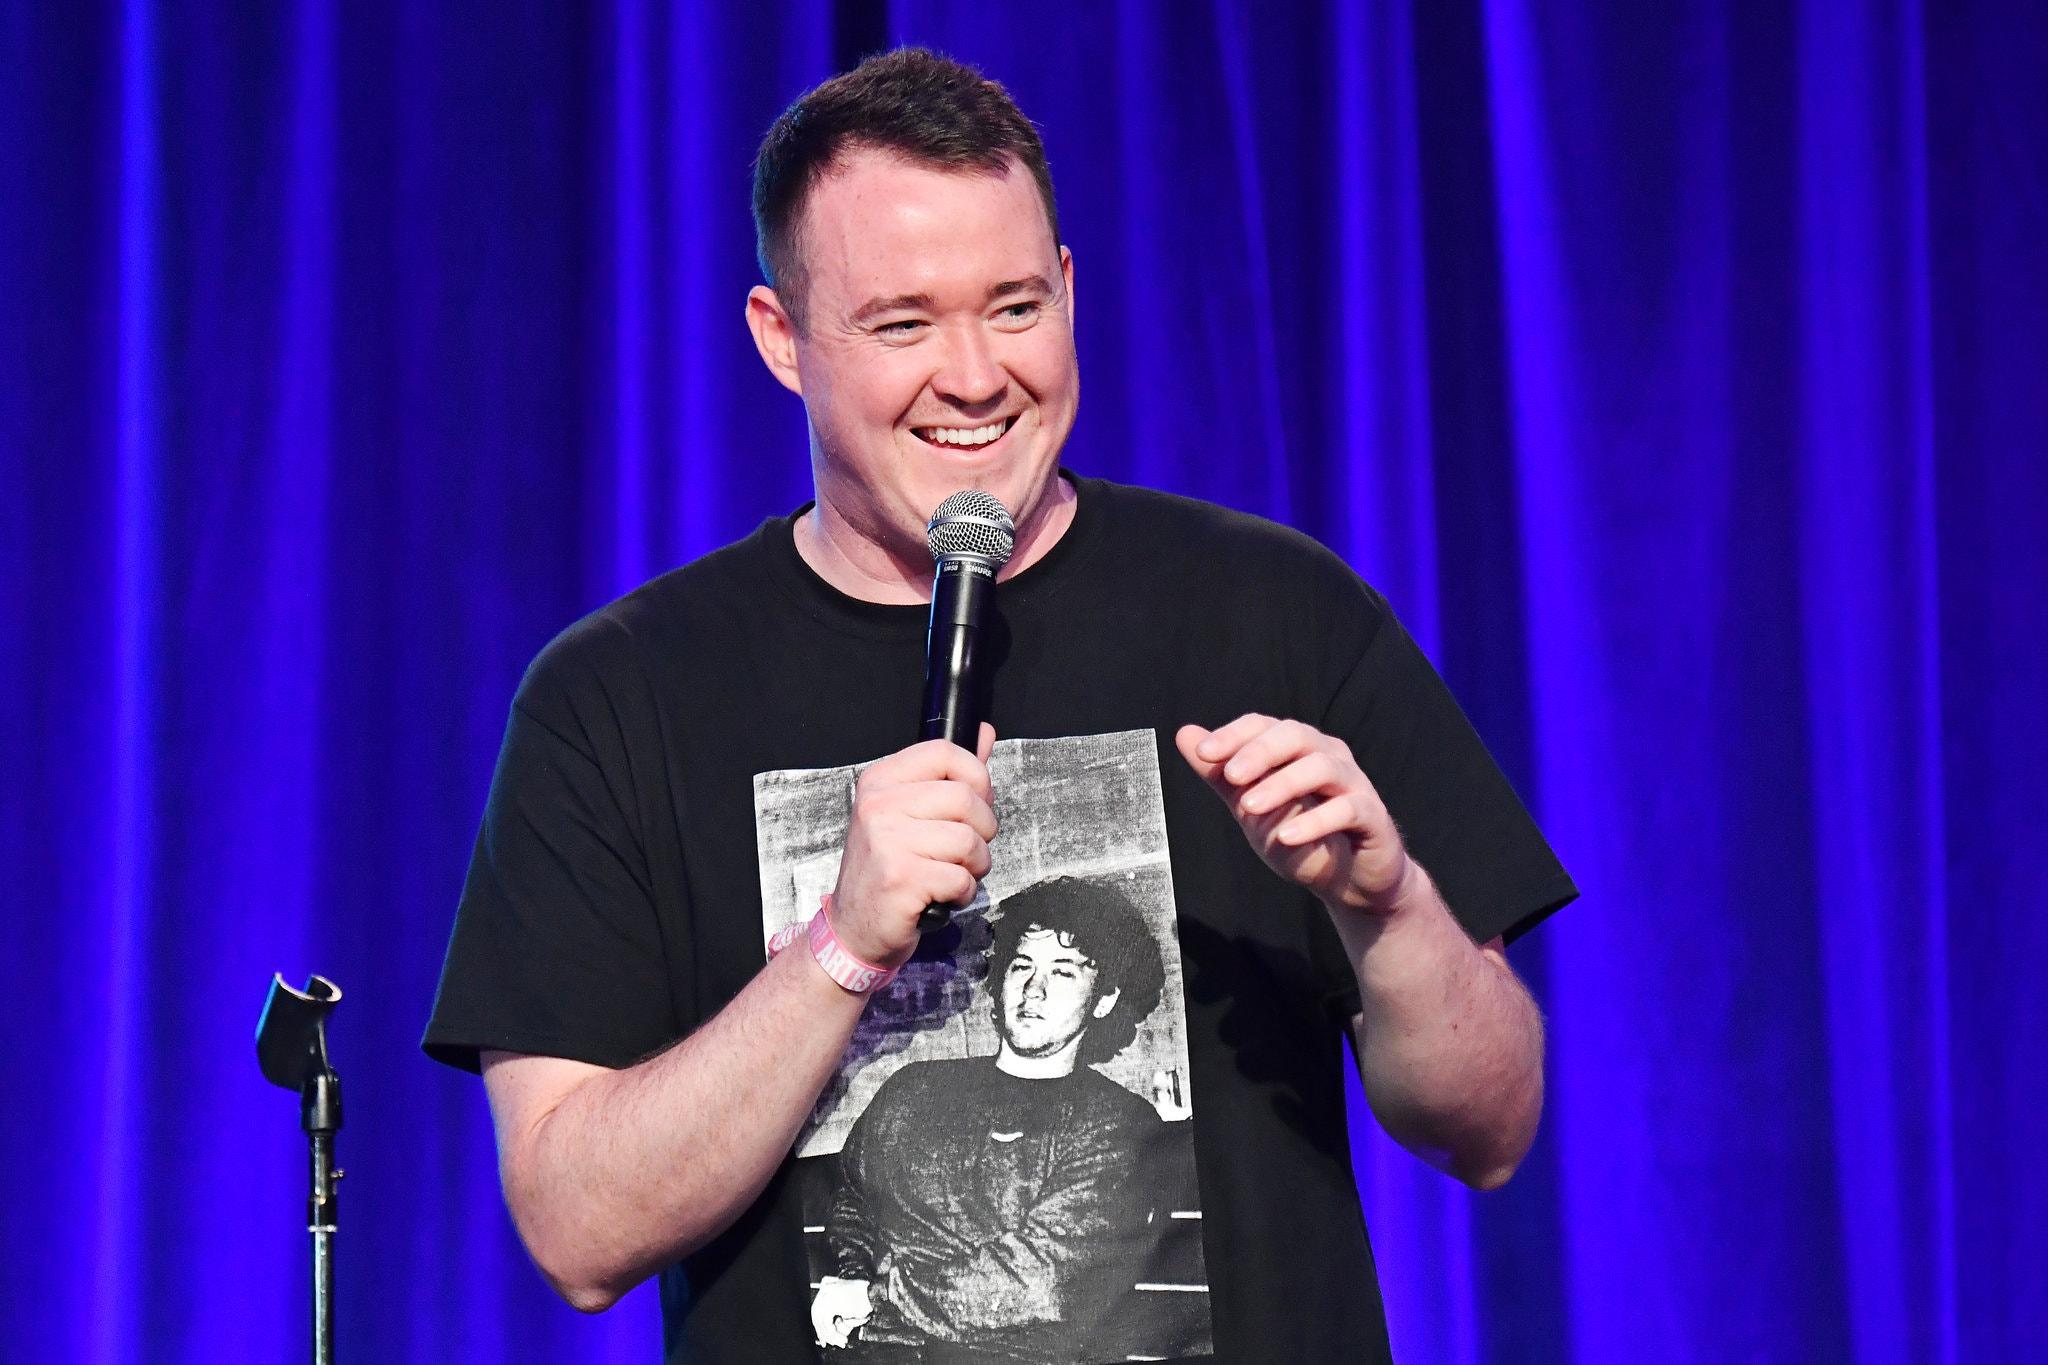 新节目刚官宣5天,美国喜剧人就因辱华言论被开除